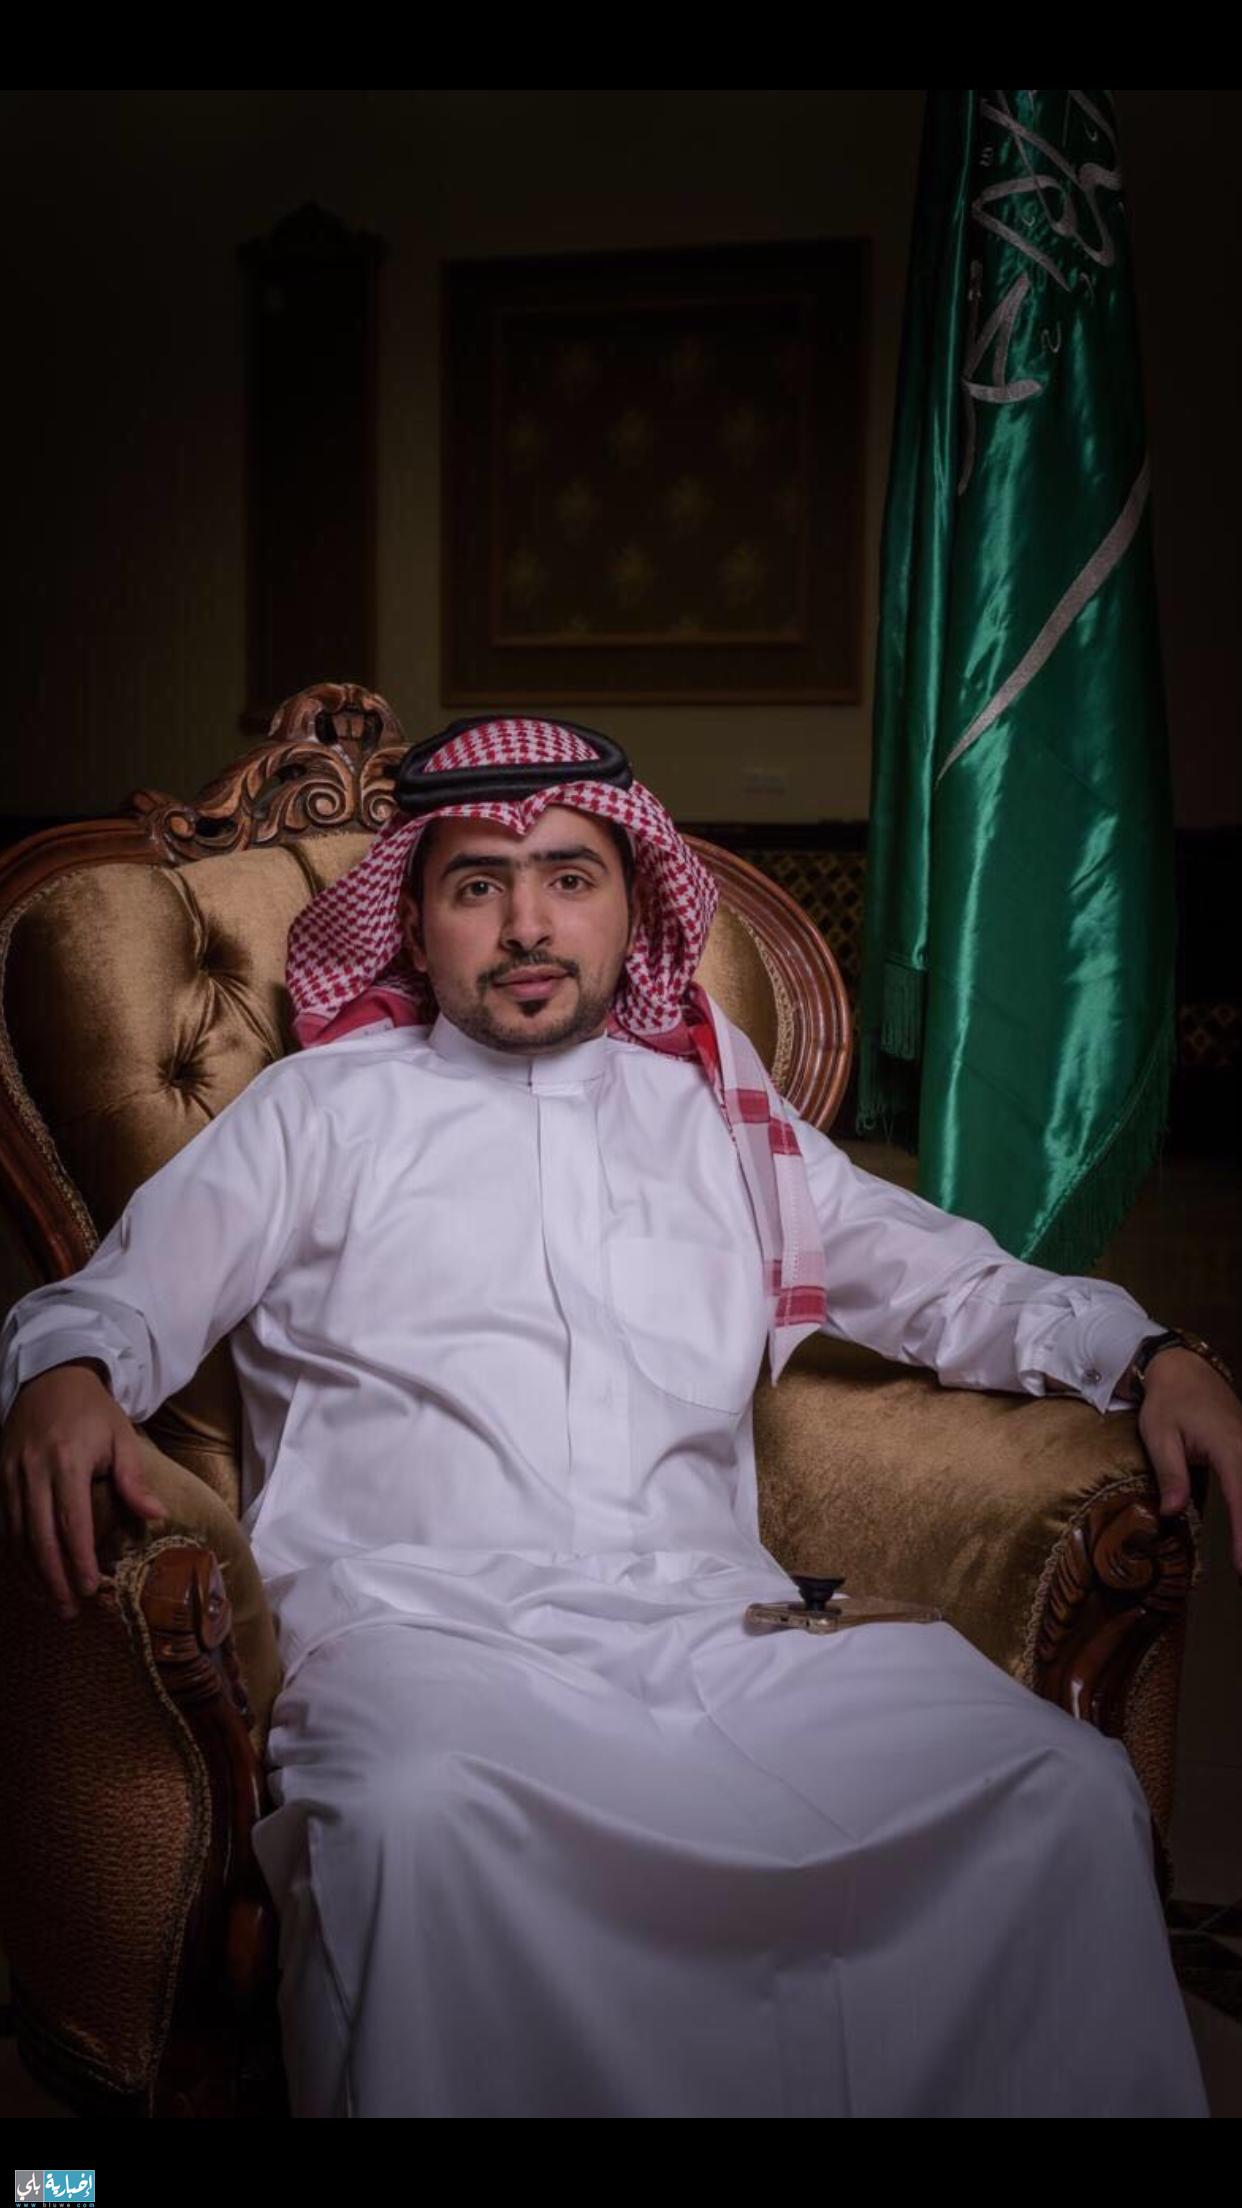 تهنئة عقد قران / محمد عطالله ابن سهيه البلوي